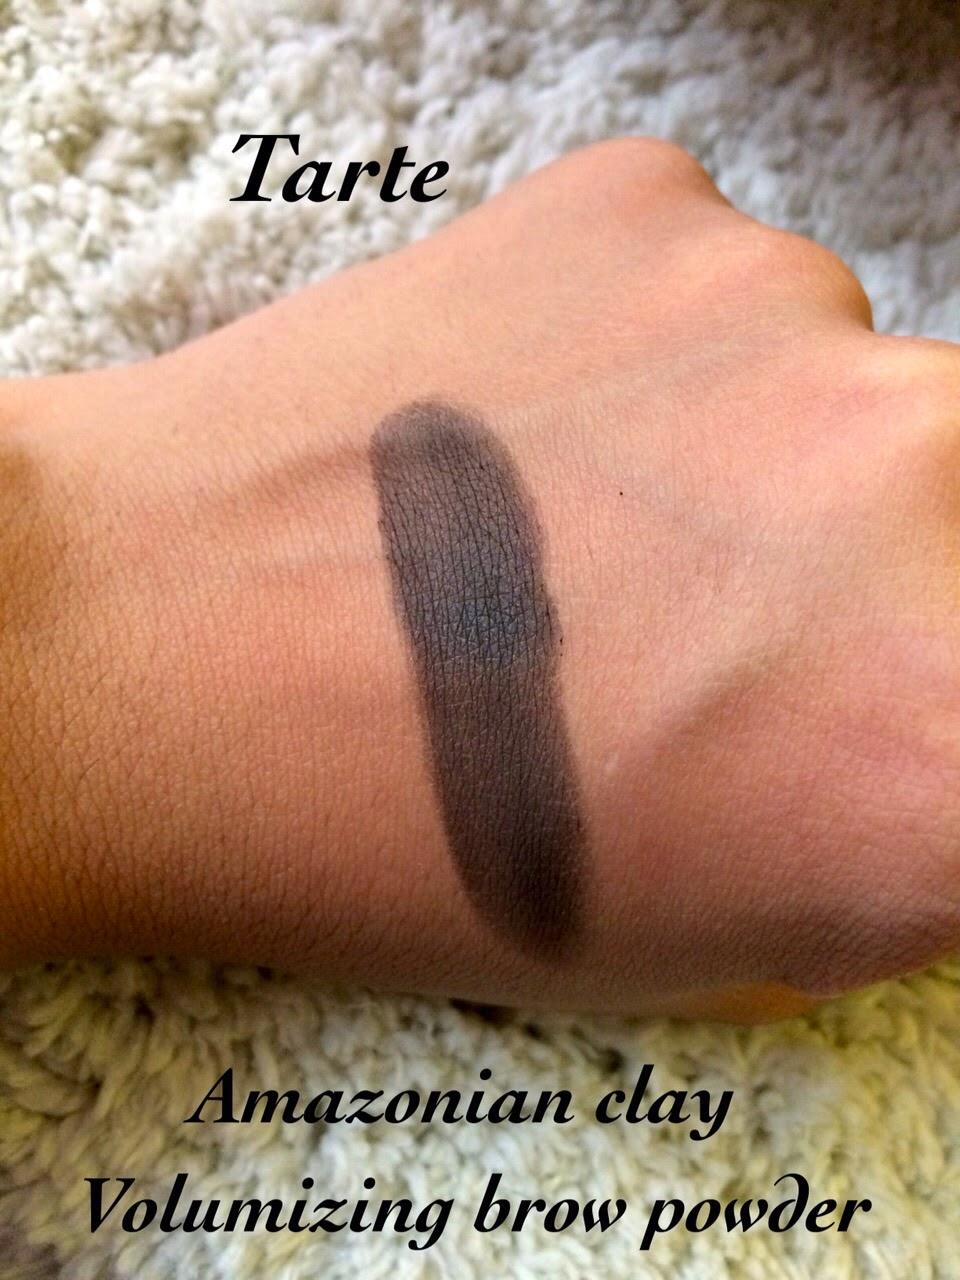 Amazonian Clay Waterproof Eye Liner by Tarte #15